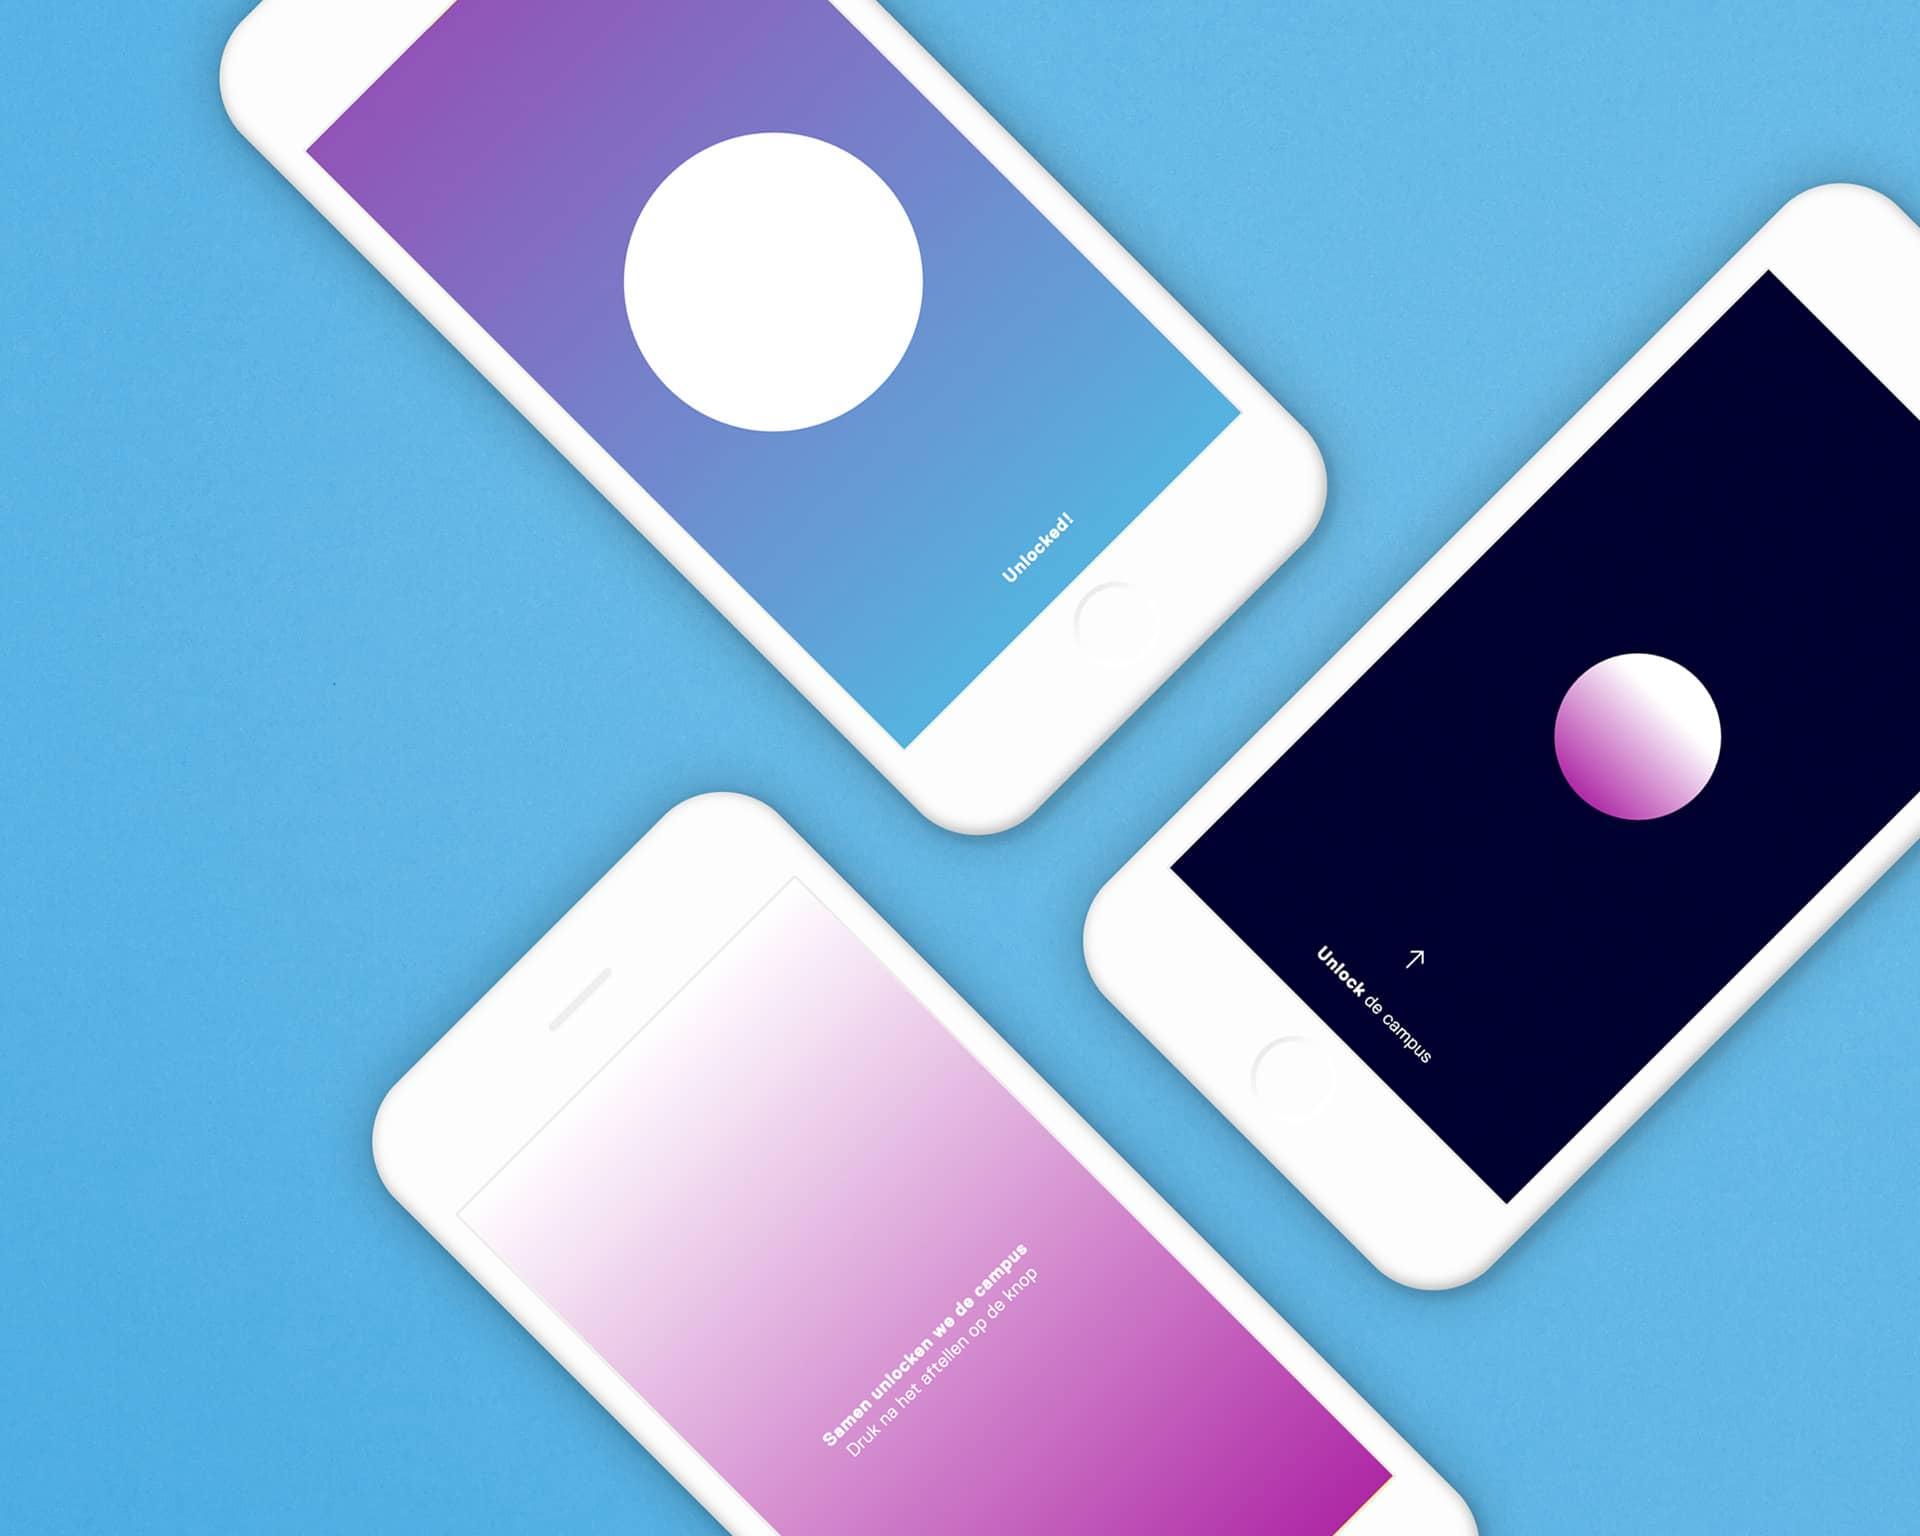 Mobile iPhone app voor de opening van de Brightlands Smart Services Campus in Heerlen ontworpen en ontwikkeld door Saus